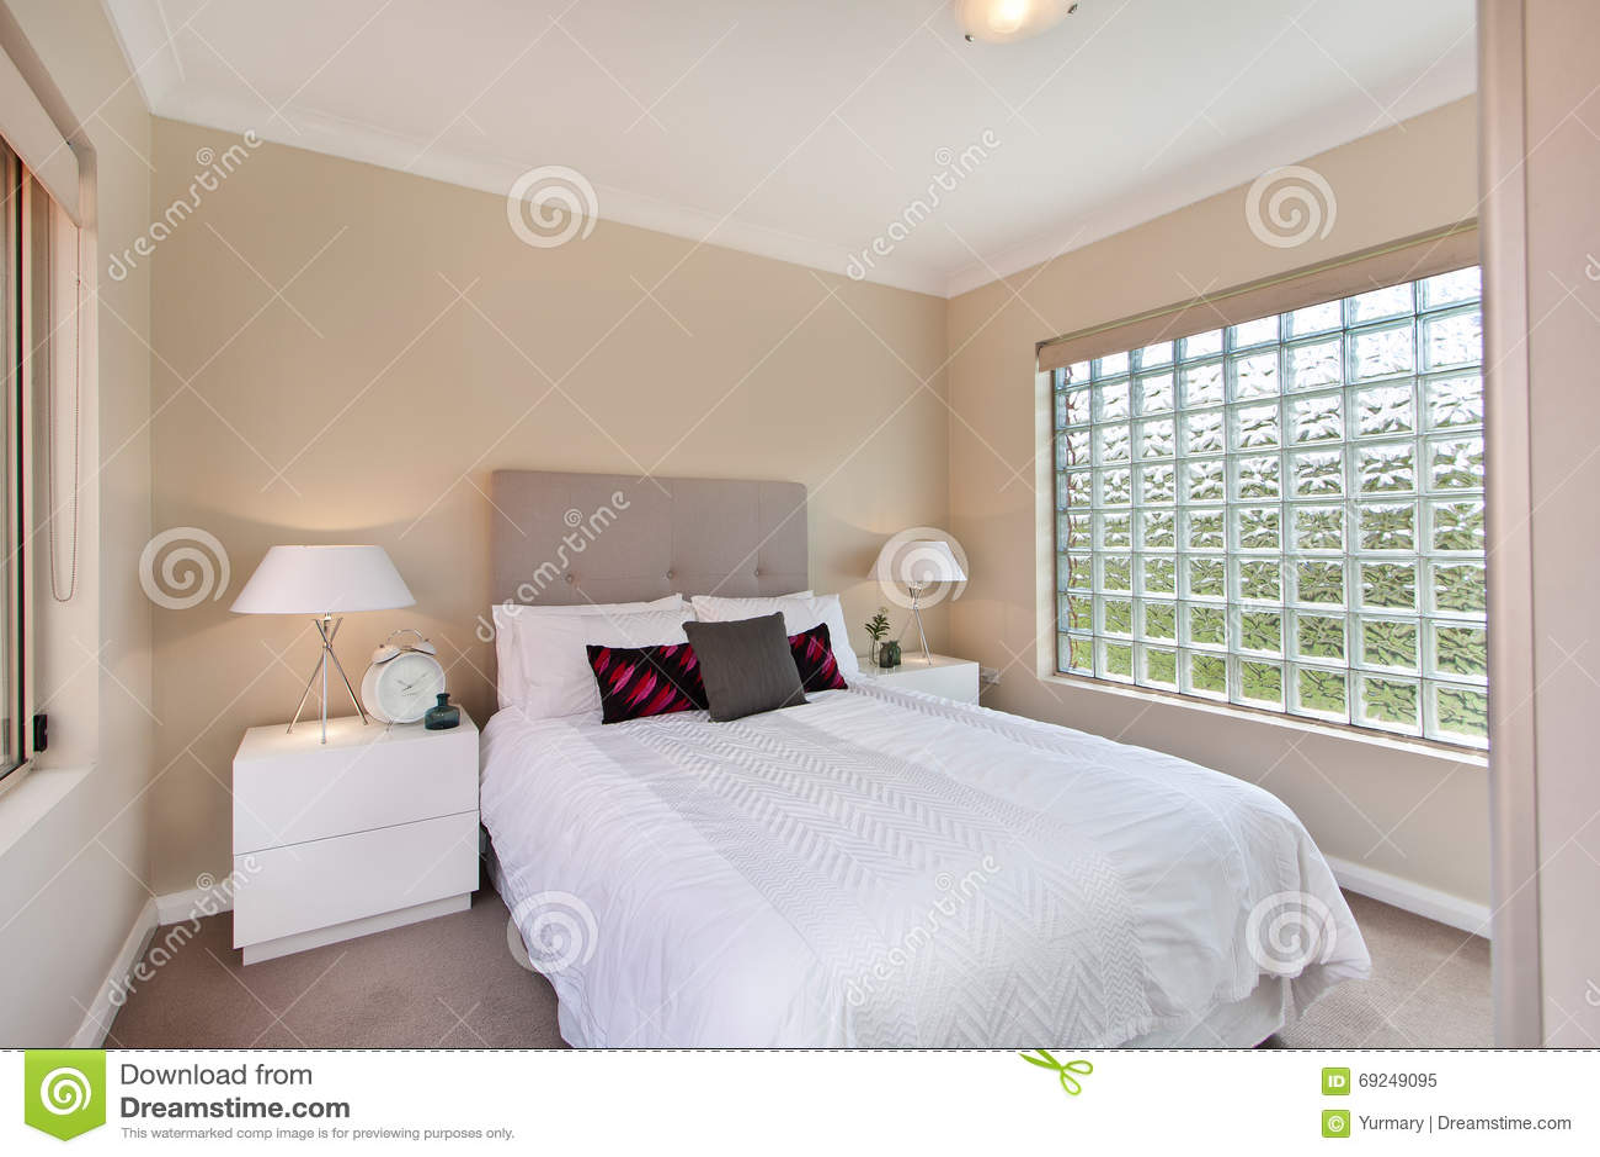 Mooie Slaapkamer Met Een Groot Bed Stock Afbeelding - Afbeelding ...